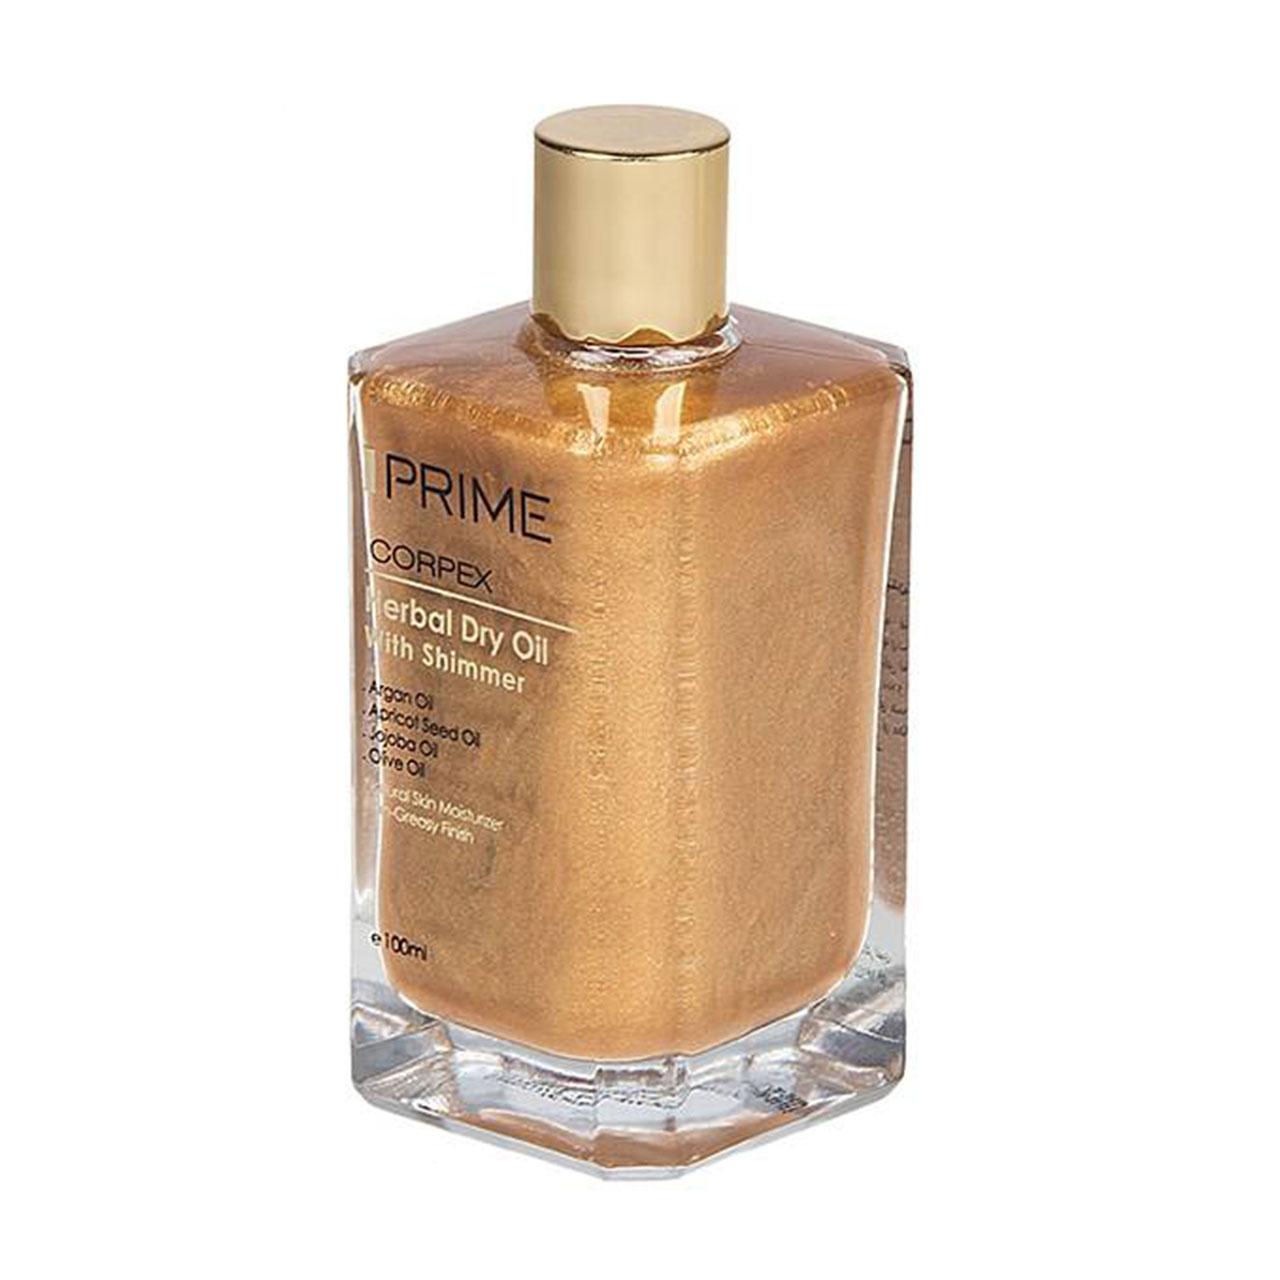 قیمت روغن پوست و مو پریم سری Corpex مدل Herbal Dry Oil حجم 100 میلی لیتر